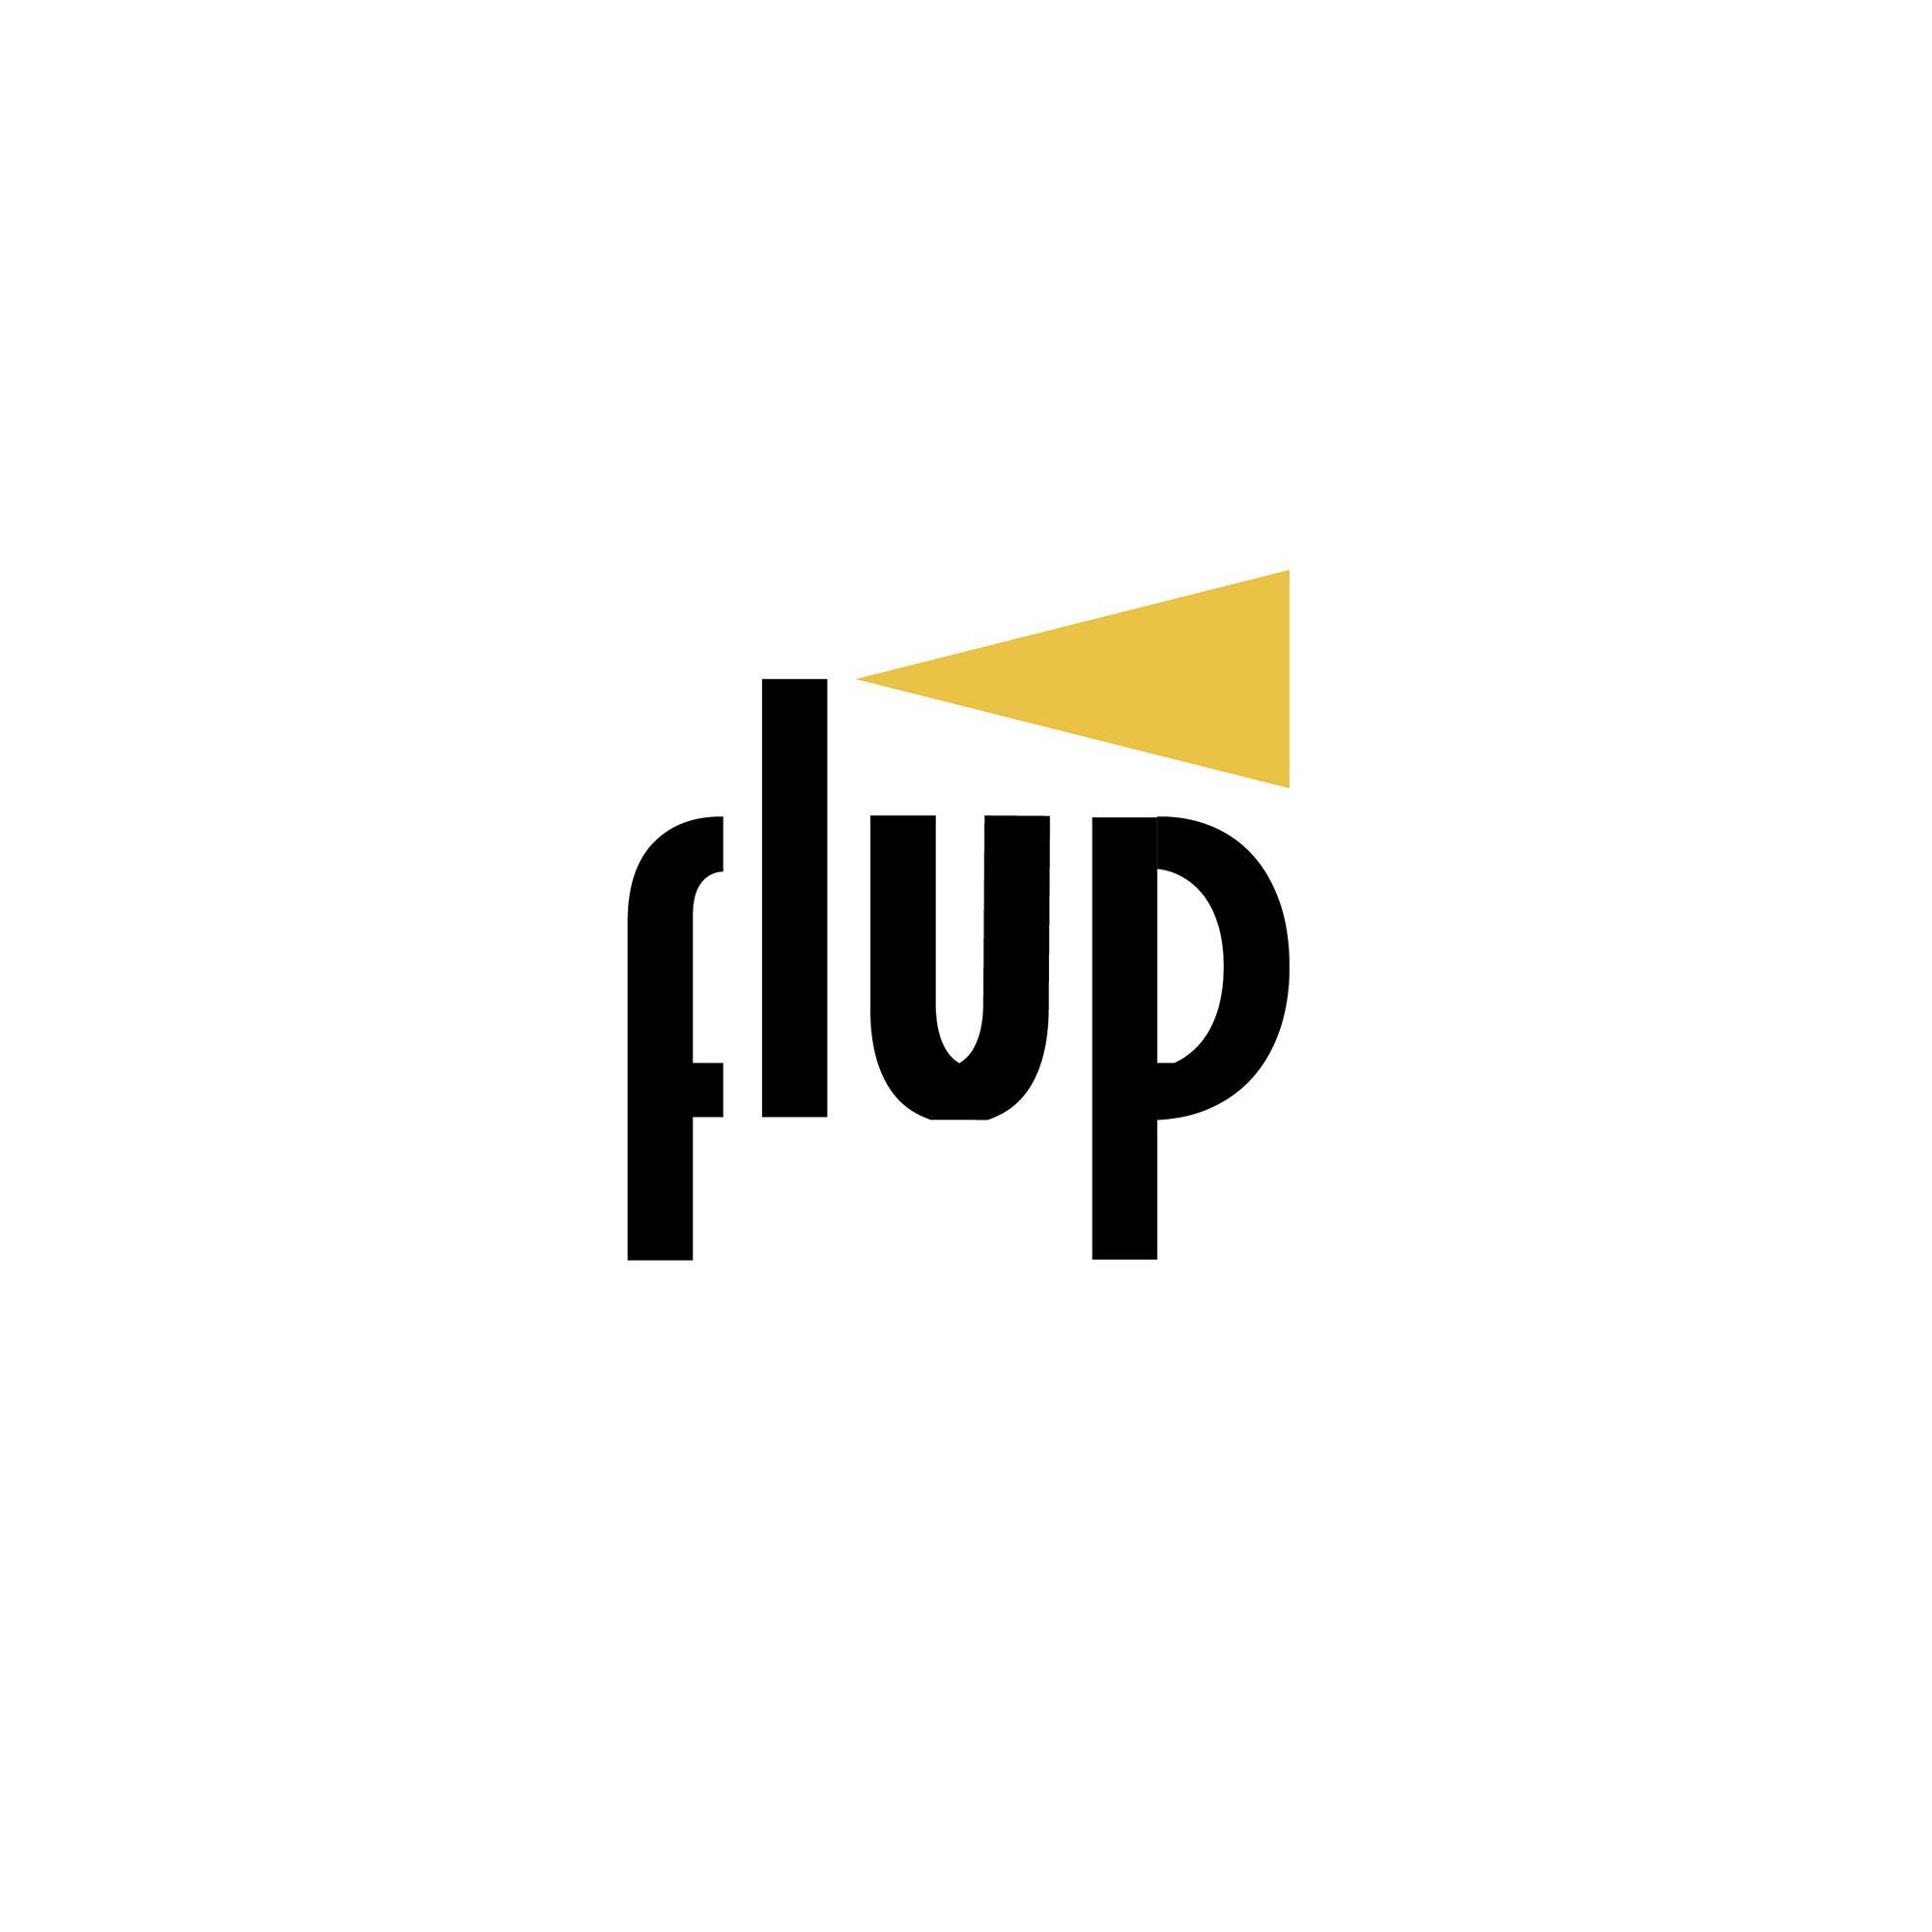 Логотип для IT компании и сайта - дизайнер vladstelz